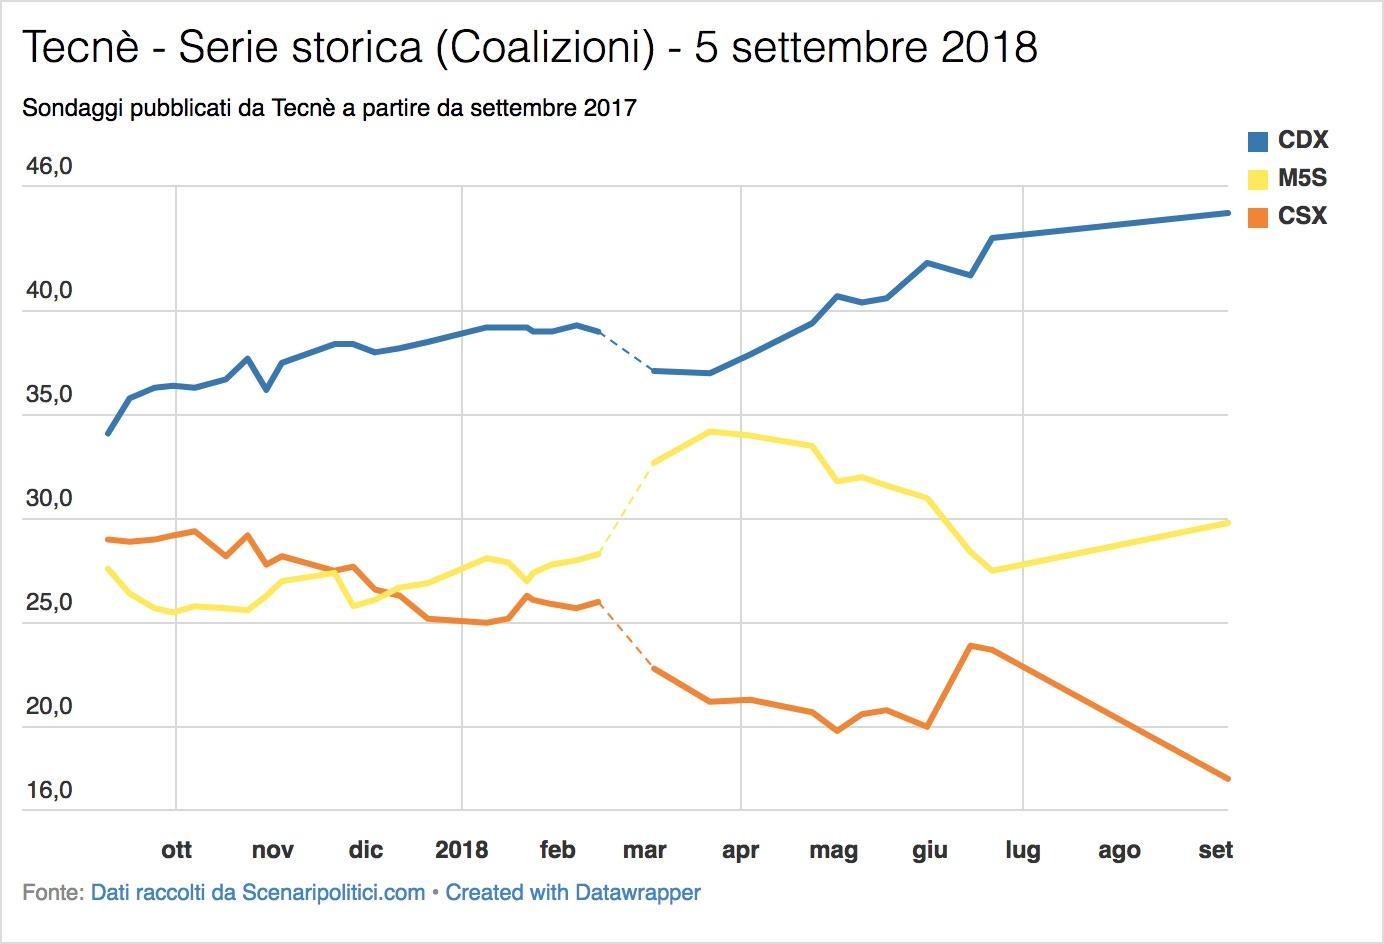 Sondaggio Tecnè (5 settembre 2018)